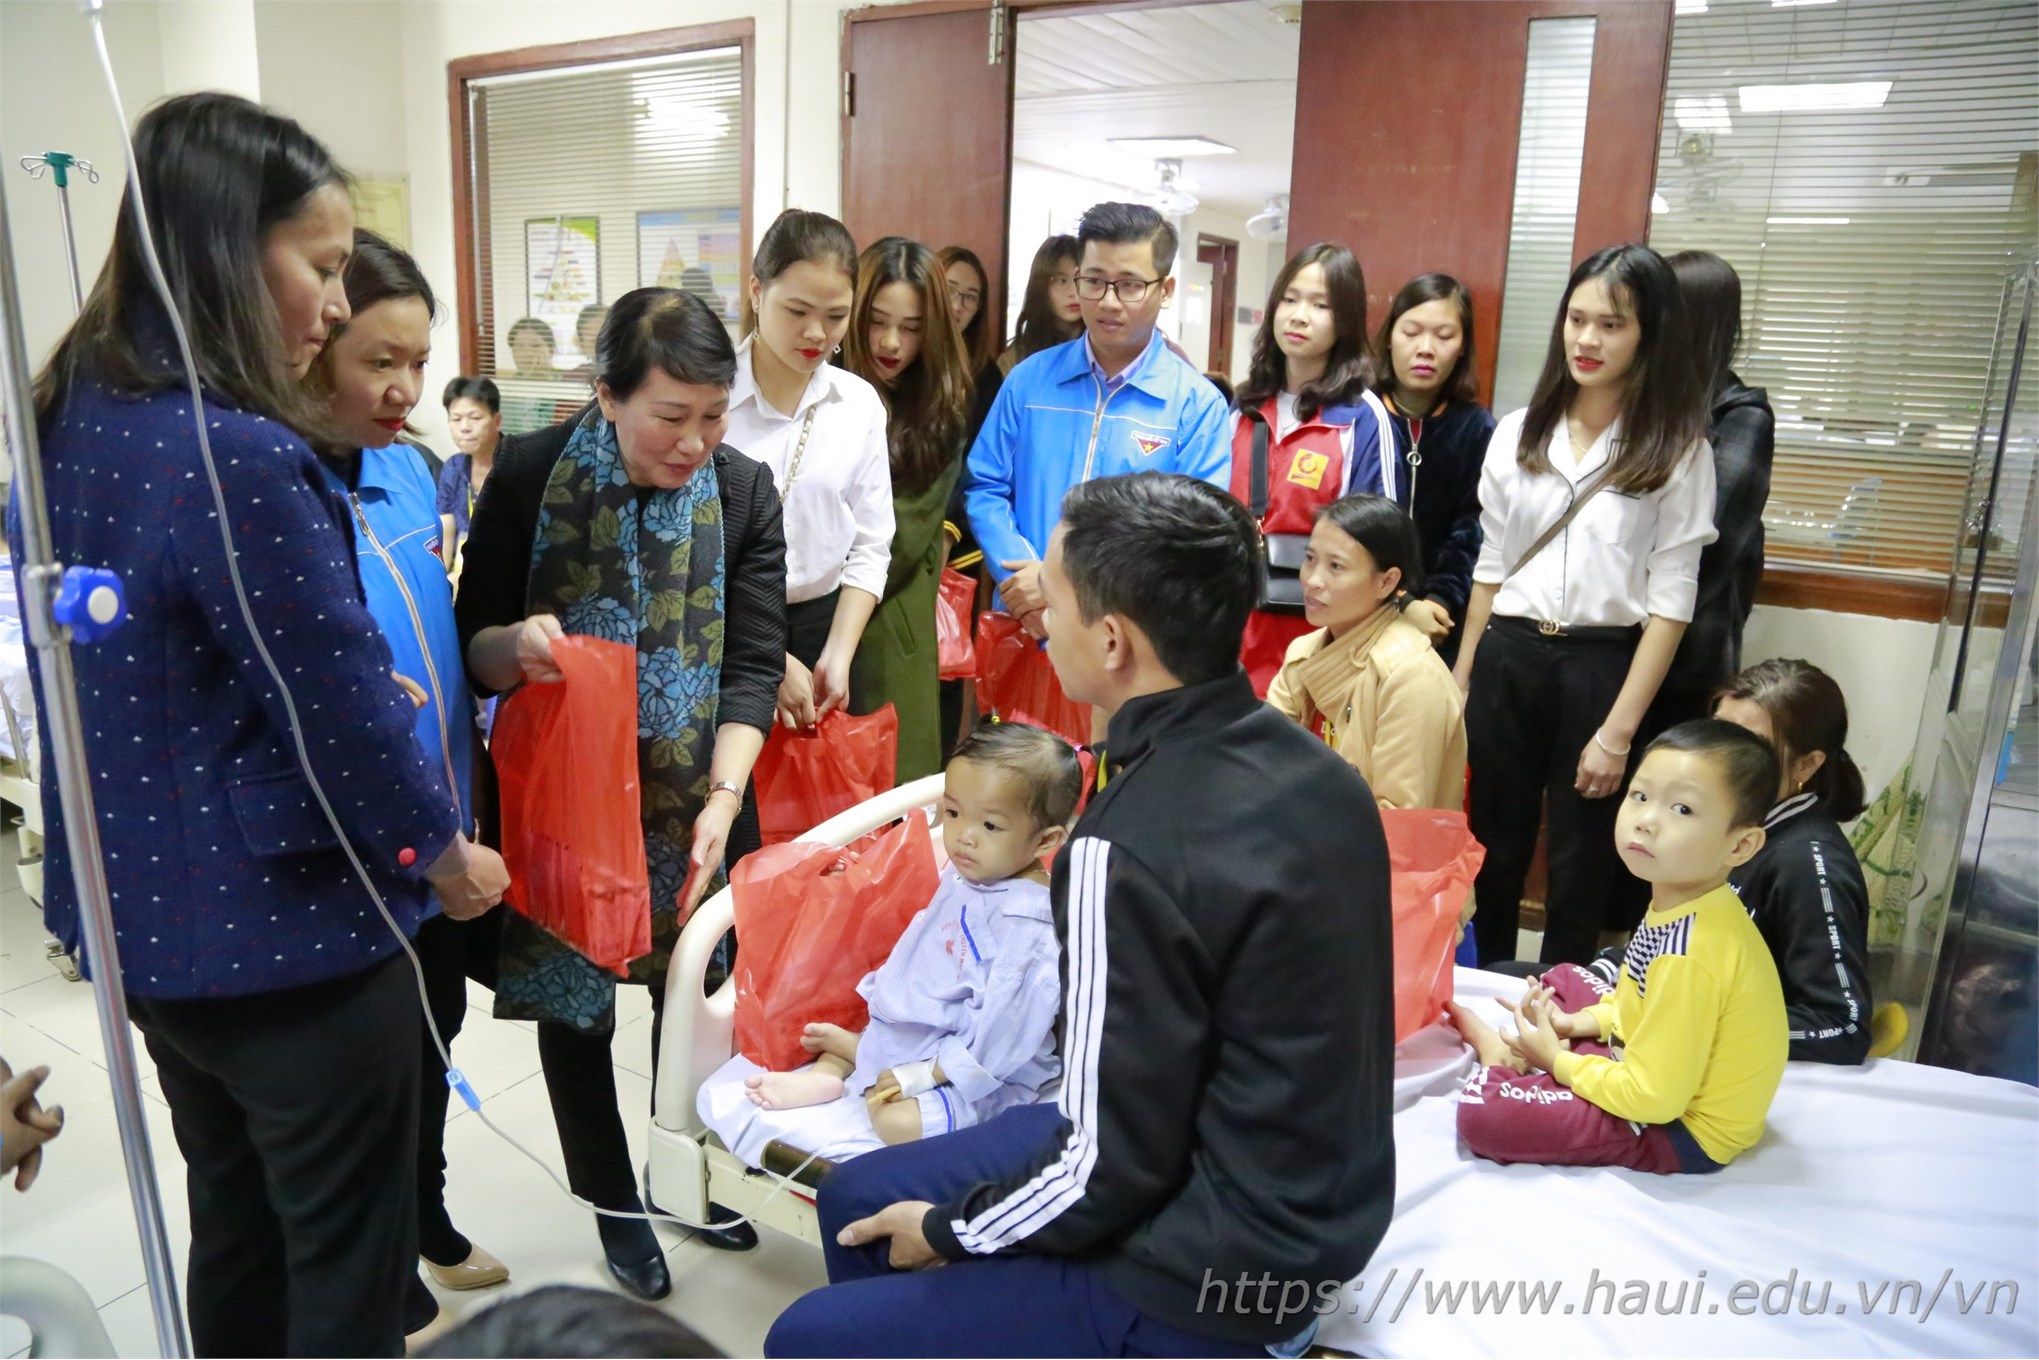 Nữ sinh Đại học Công nghiệp Hà Nội với hoạt động vì cộng đồng